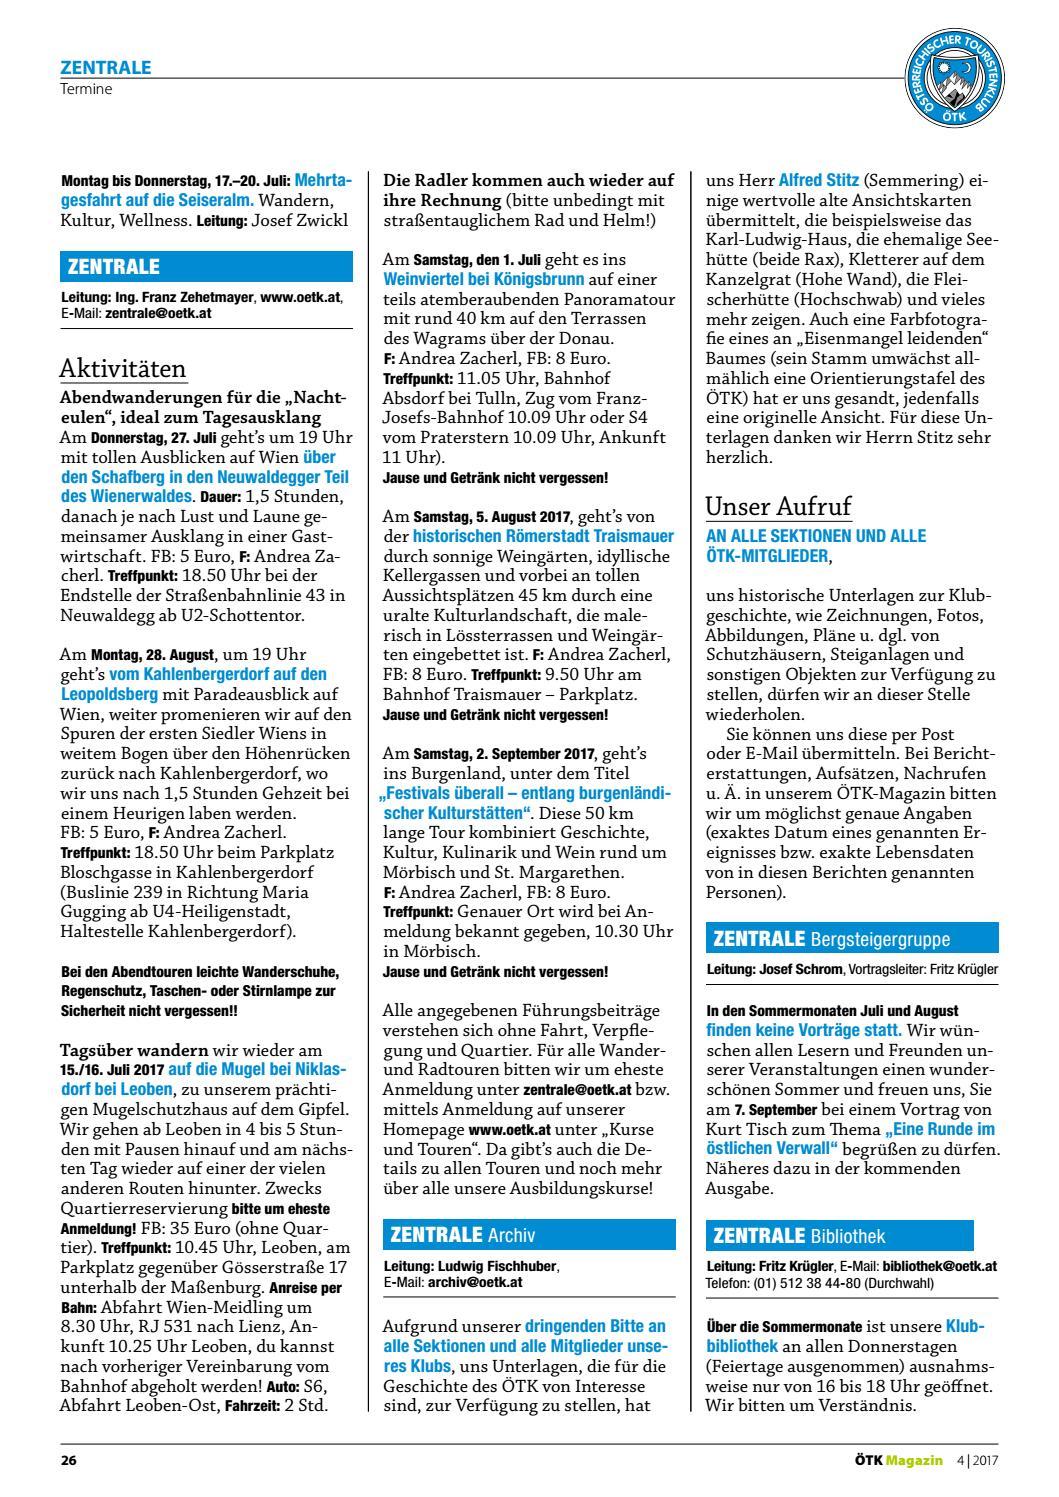 ötk Magazin 4 2017 By ötk österreichischer Touristenklub Issuu